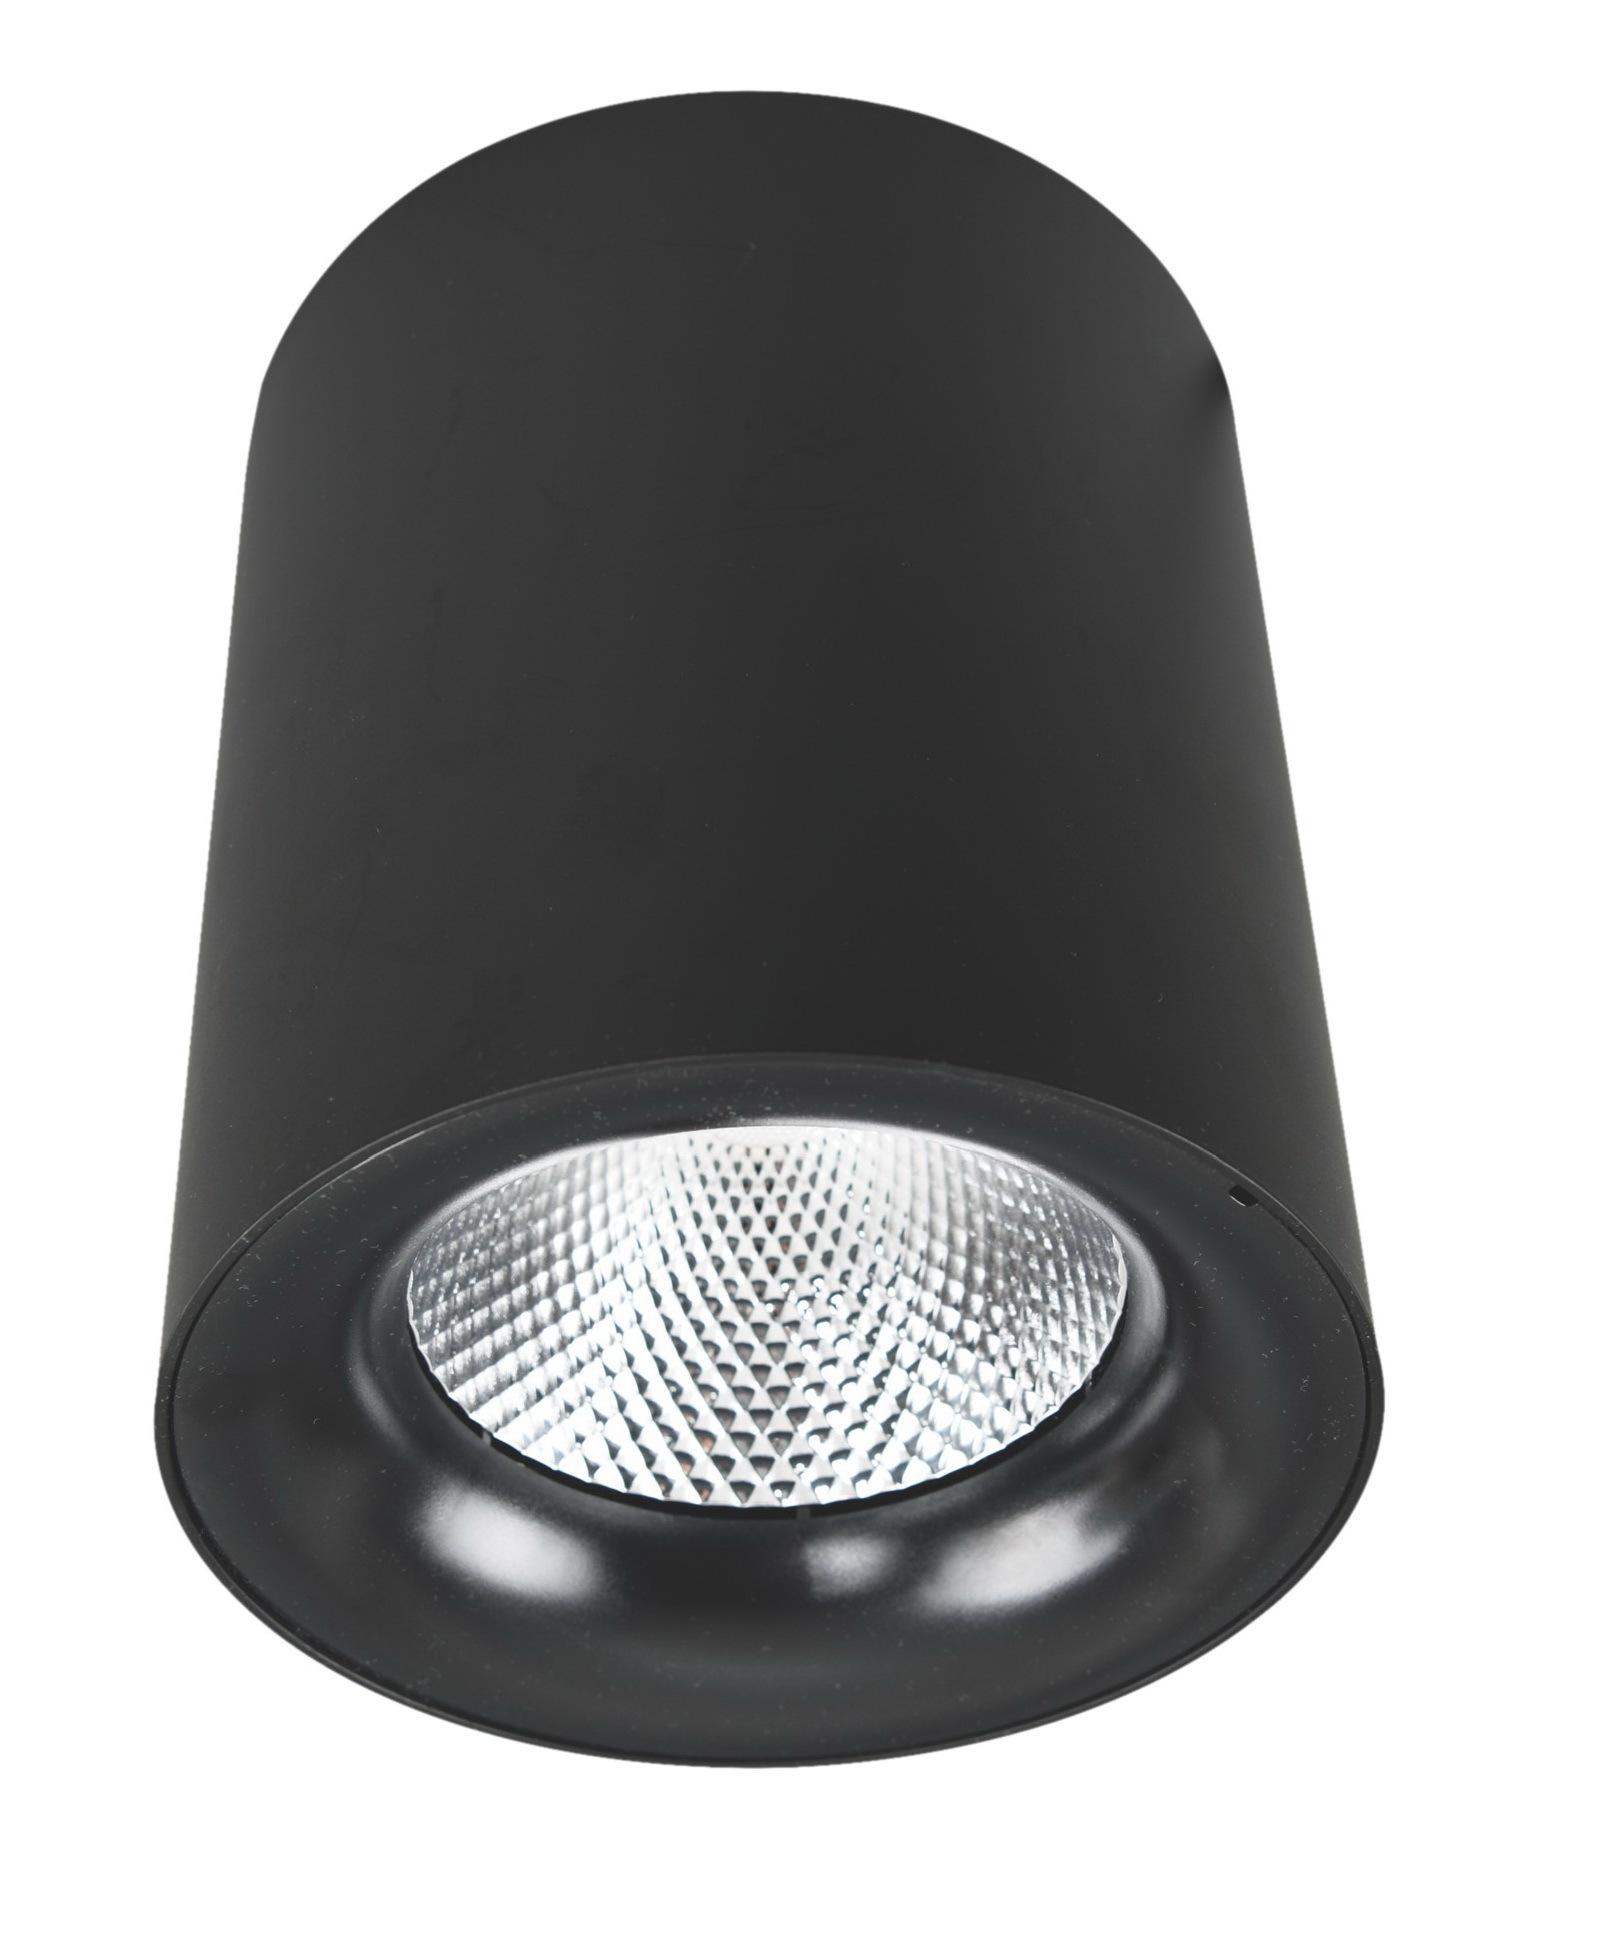 Потолочный светодиодный светильник Arte Lamp Instyle Facile A5112PL-1BK, LED 12W 3000K 900lm CRI≥80, черный, металл - фото 1